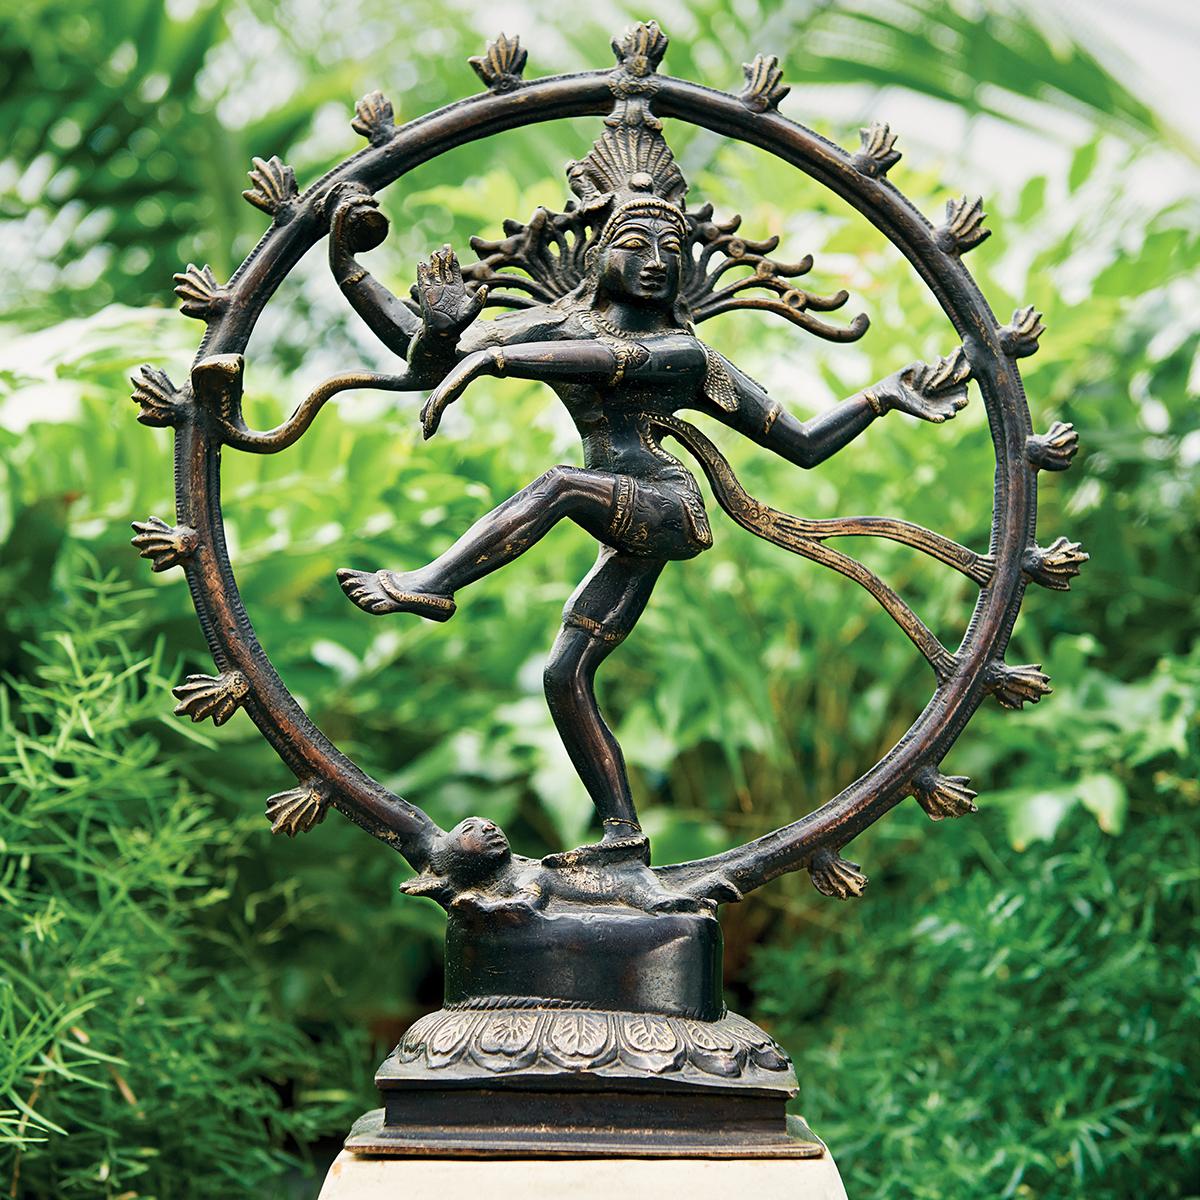 christina nielsen Shiva Nataraja bronze sculpture